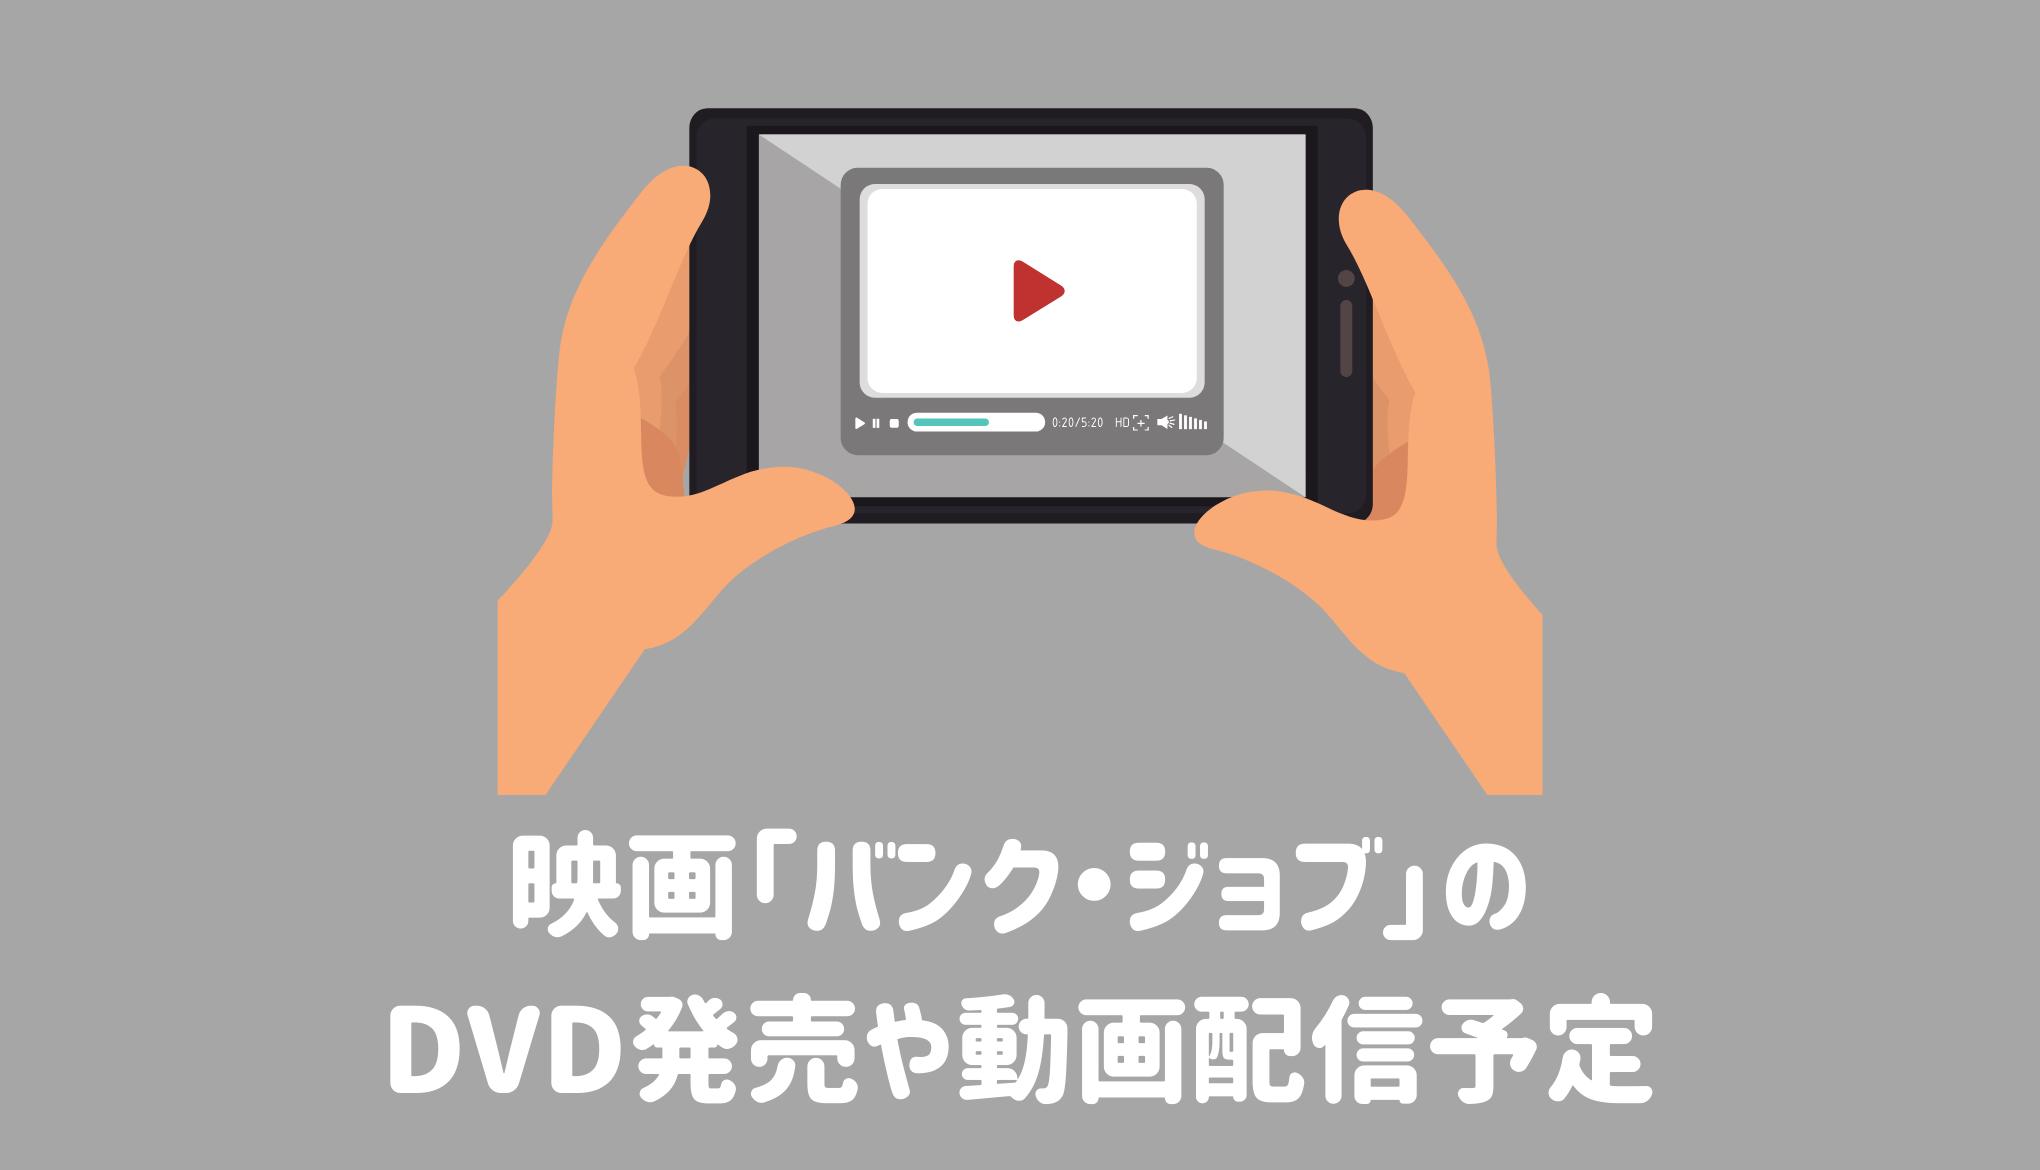 映画「バンク・ジョブ」のDVD発売や動画配信予定